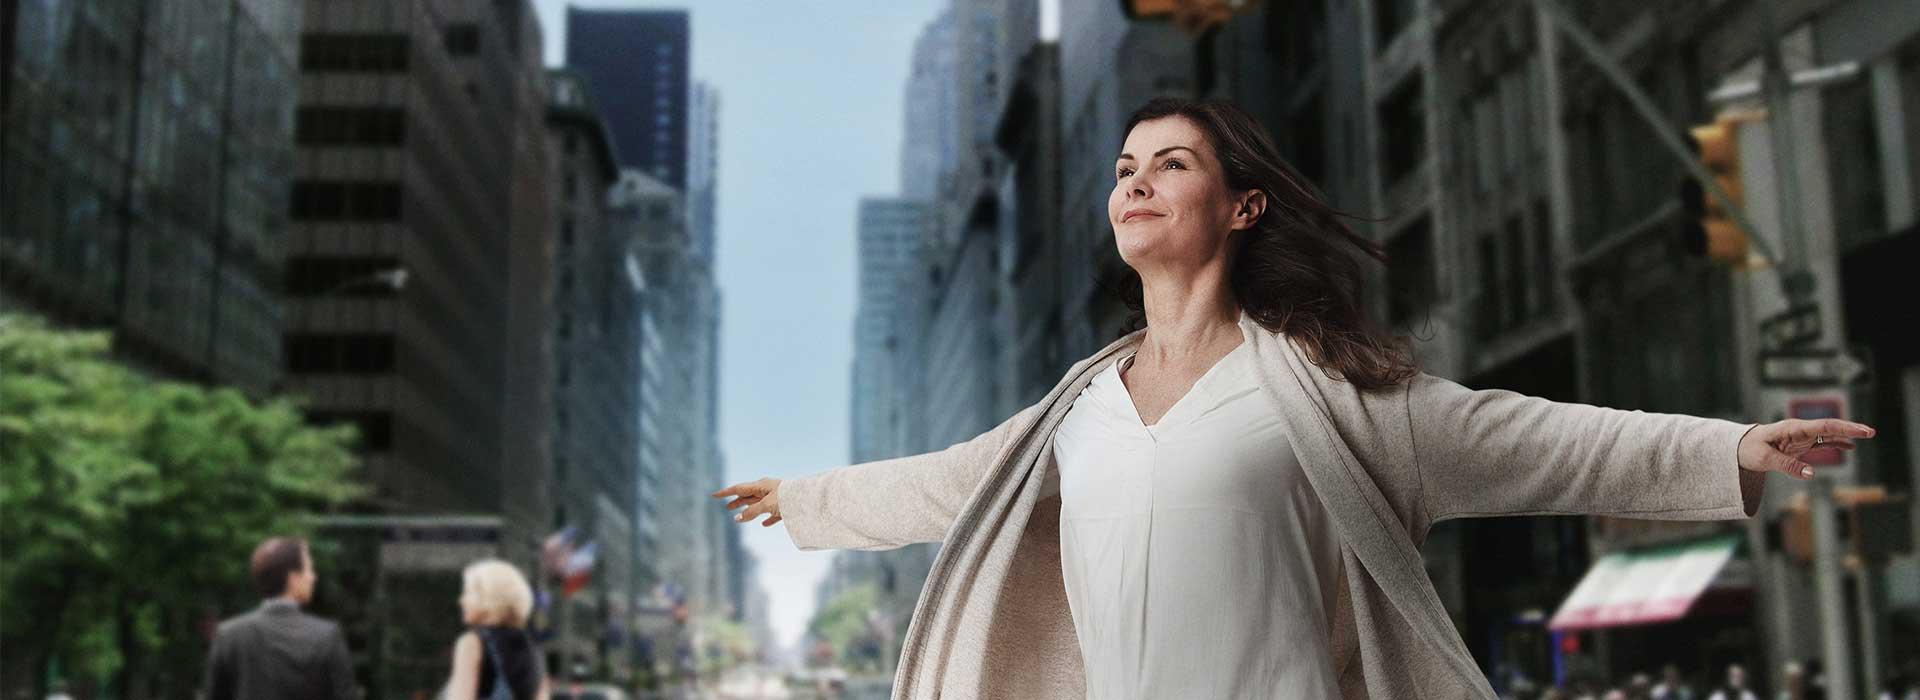 Eine Frau streckt die Arme aus und fühlt sich frei